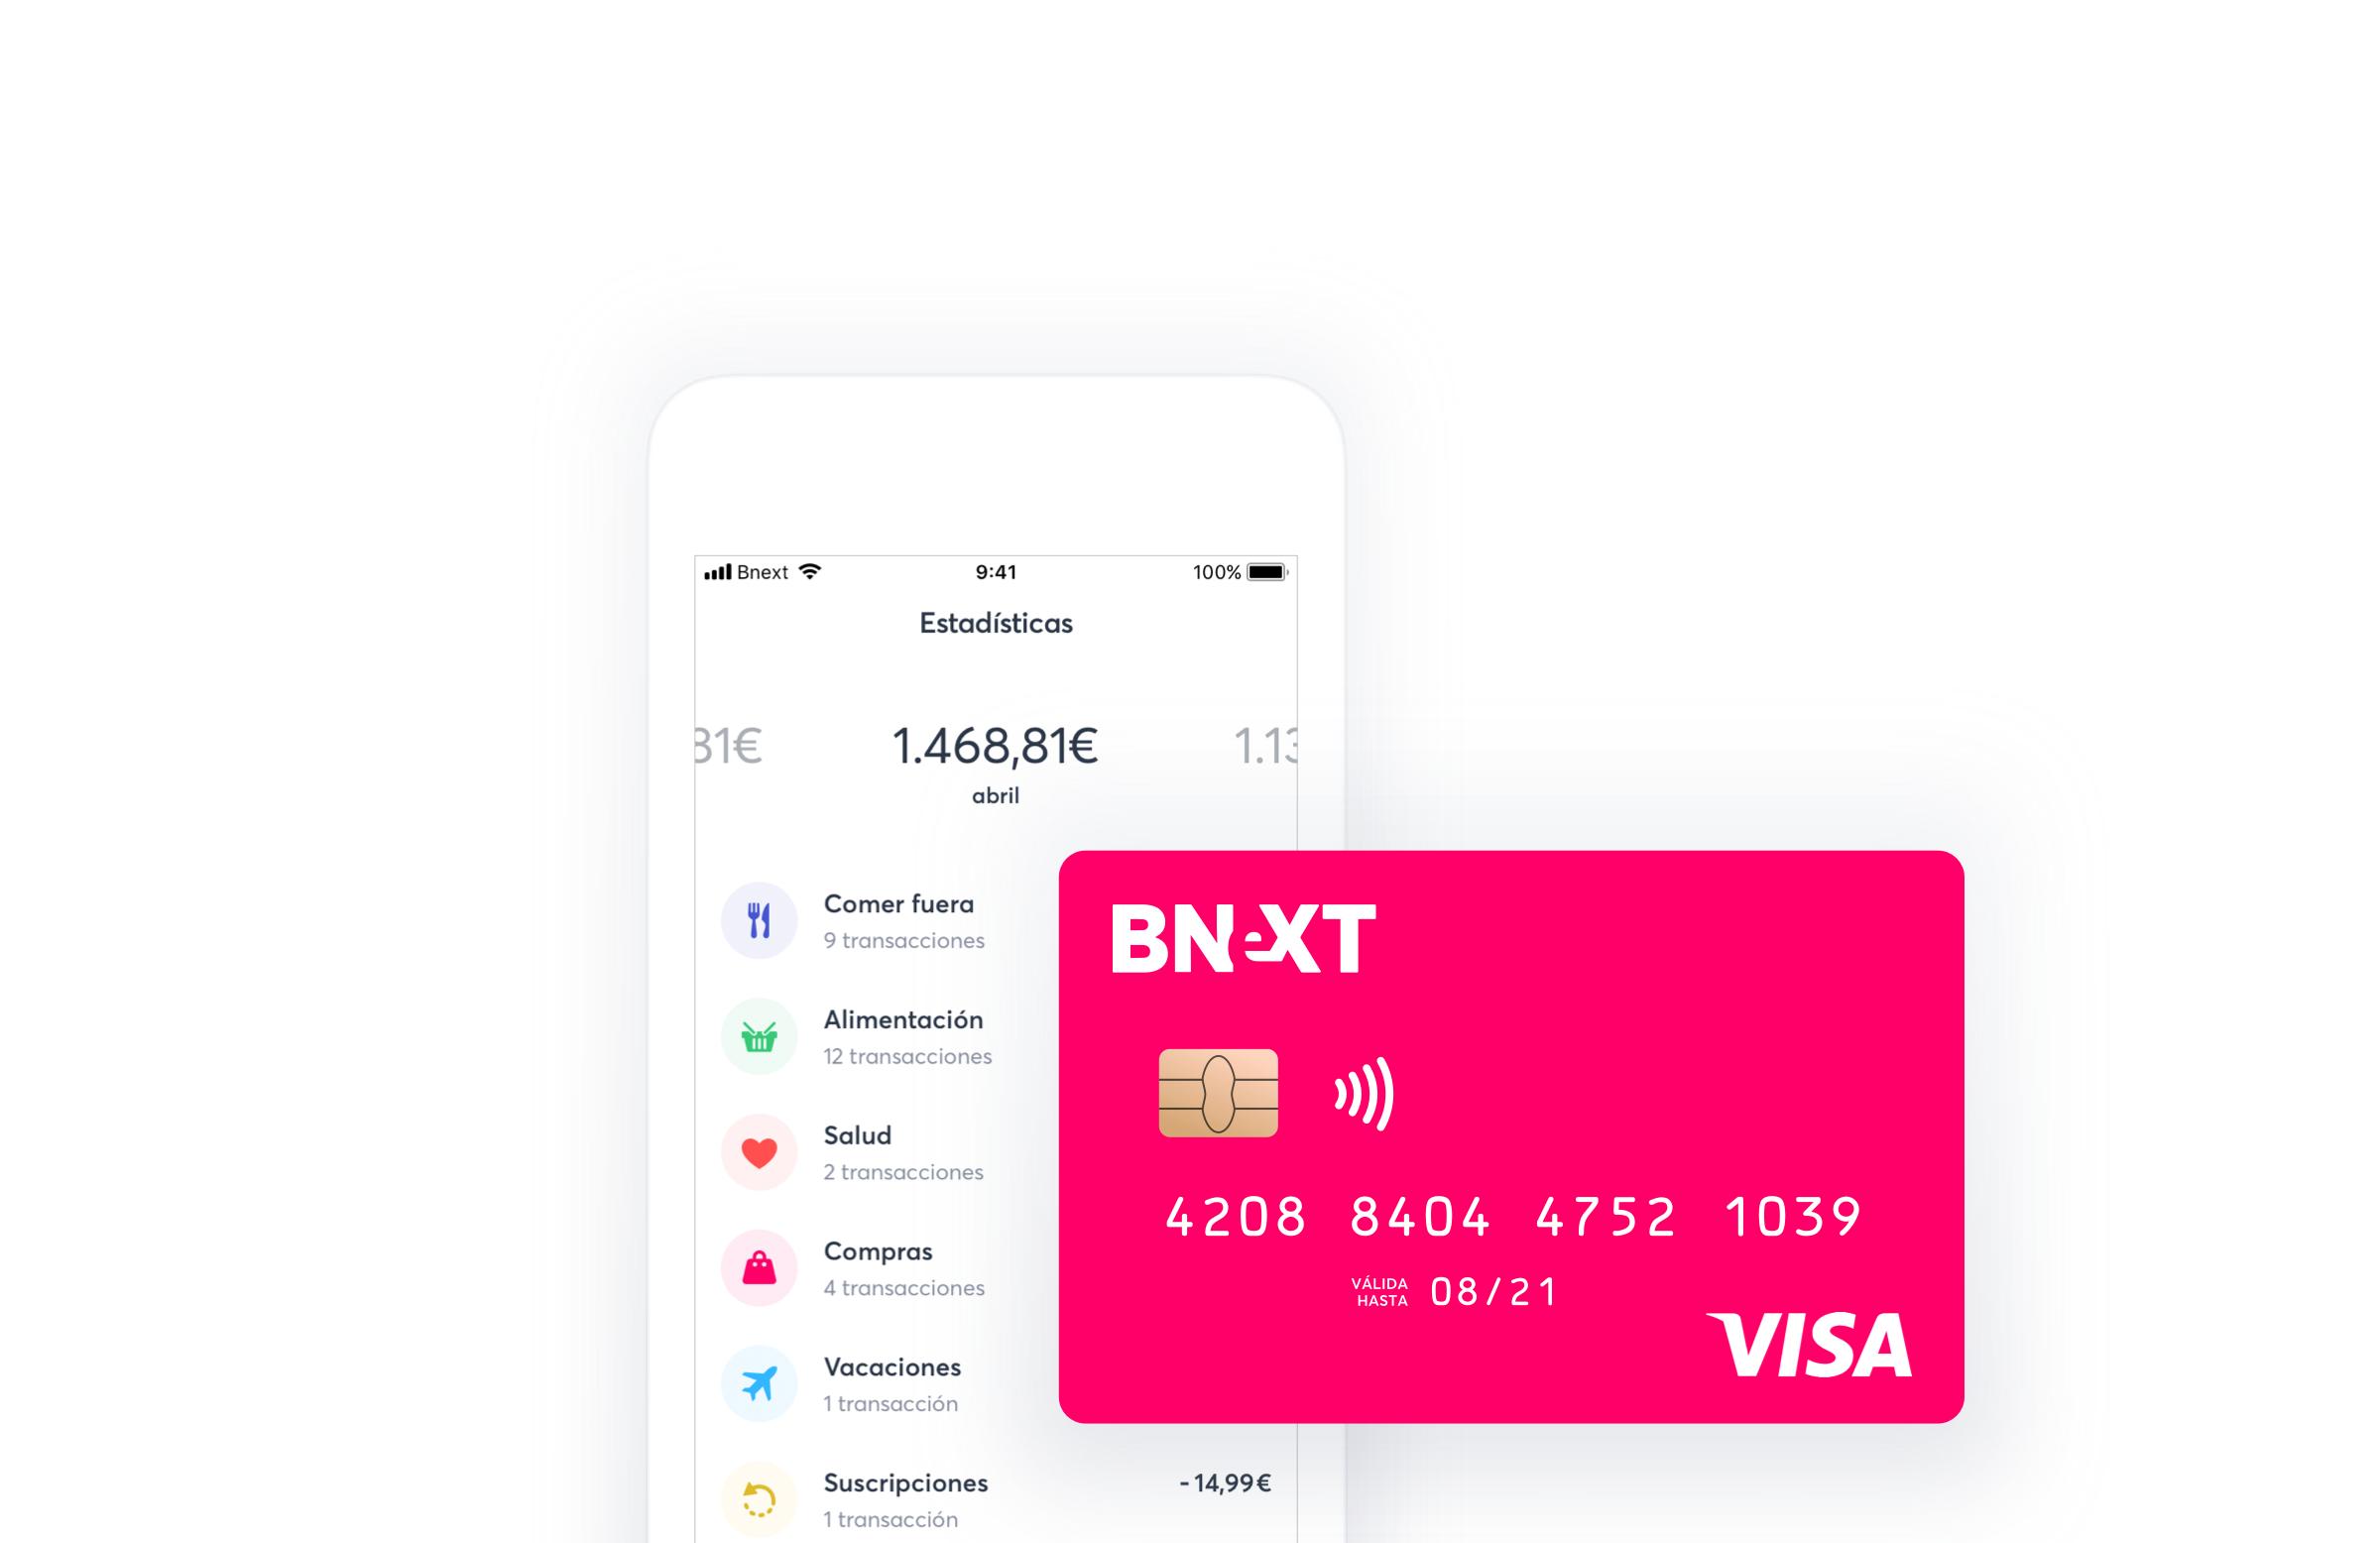 Cómo son las tarjetas de Bnext